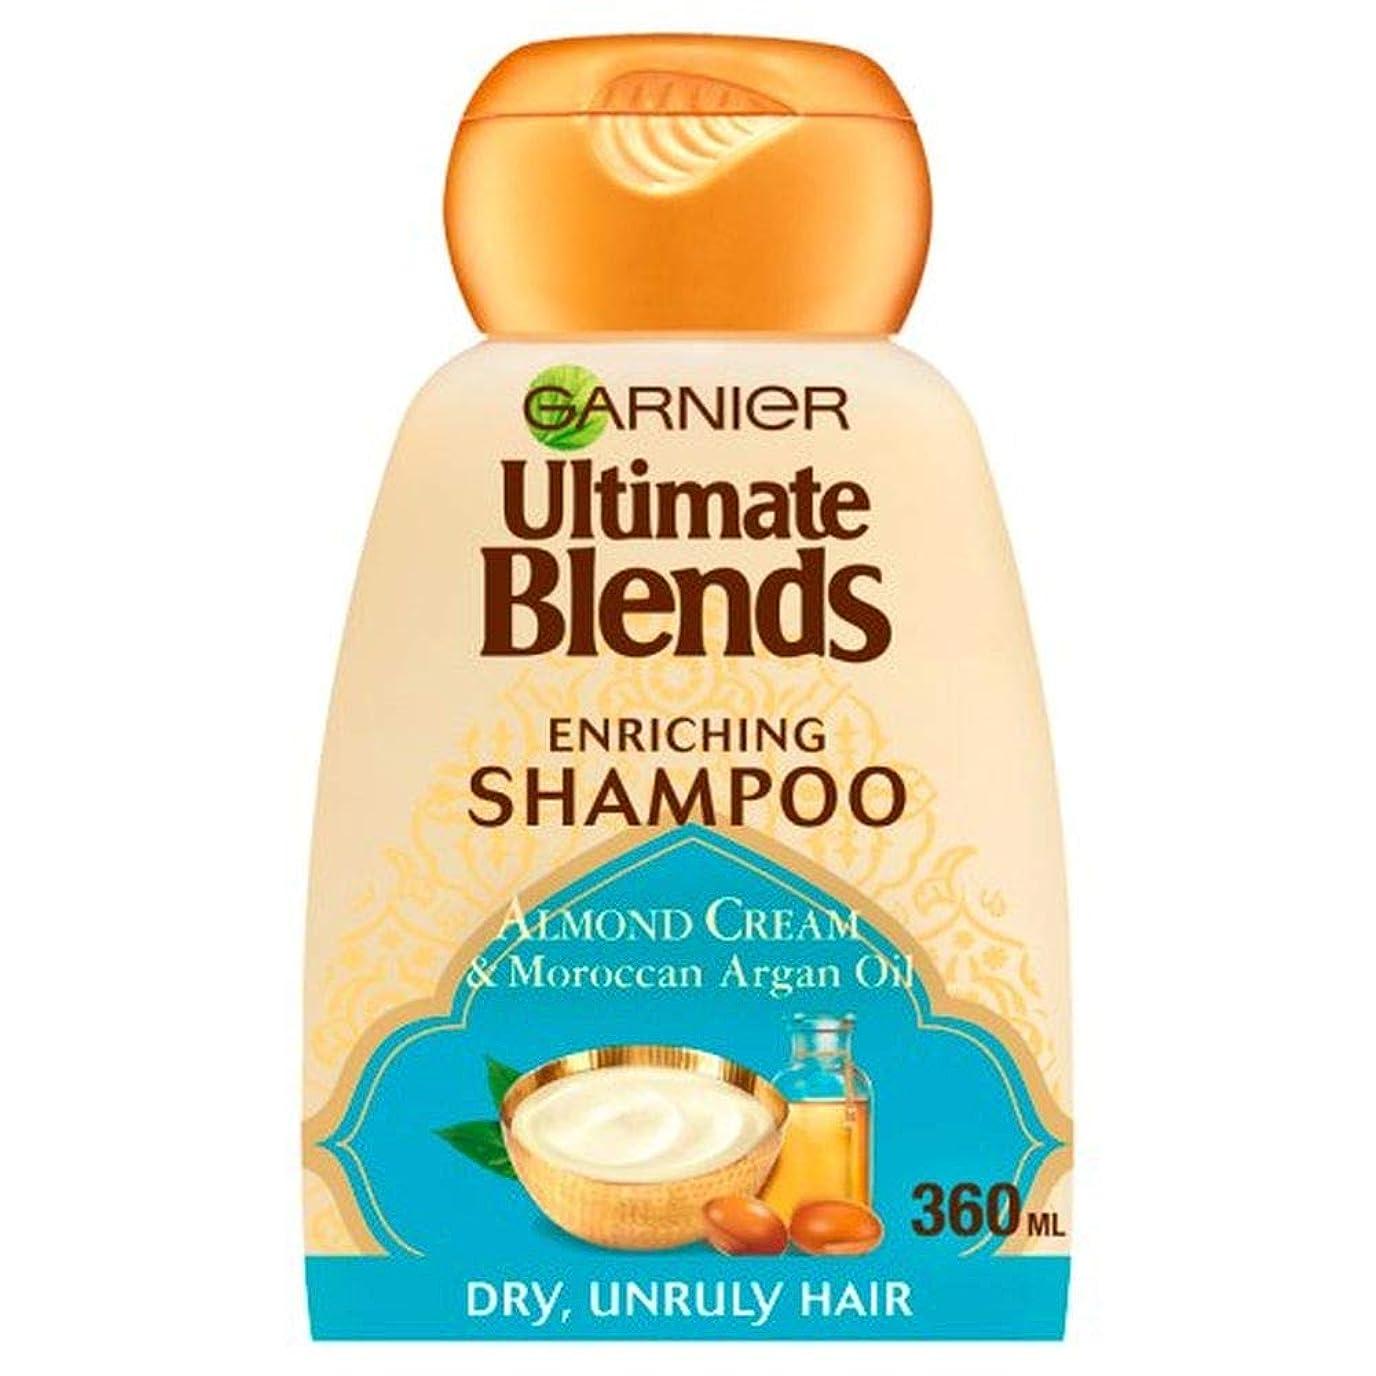 上院議員汚染する変形する[Garnier ] Ga/究極のブレンドのArg /オイルとアーモンドシャンプー360ミリリットルRを - Ga/R Ultimate Blends Arg/Oil And Almond Shampoo 360Ml [並行輸入品]